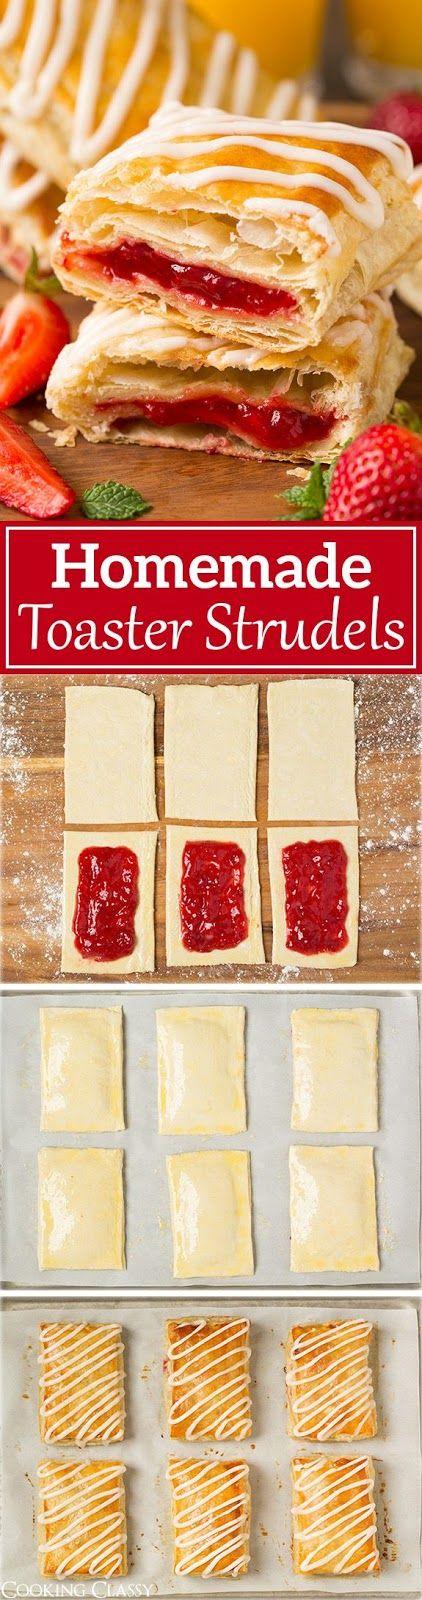 Homemade Toaster Strudels